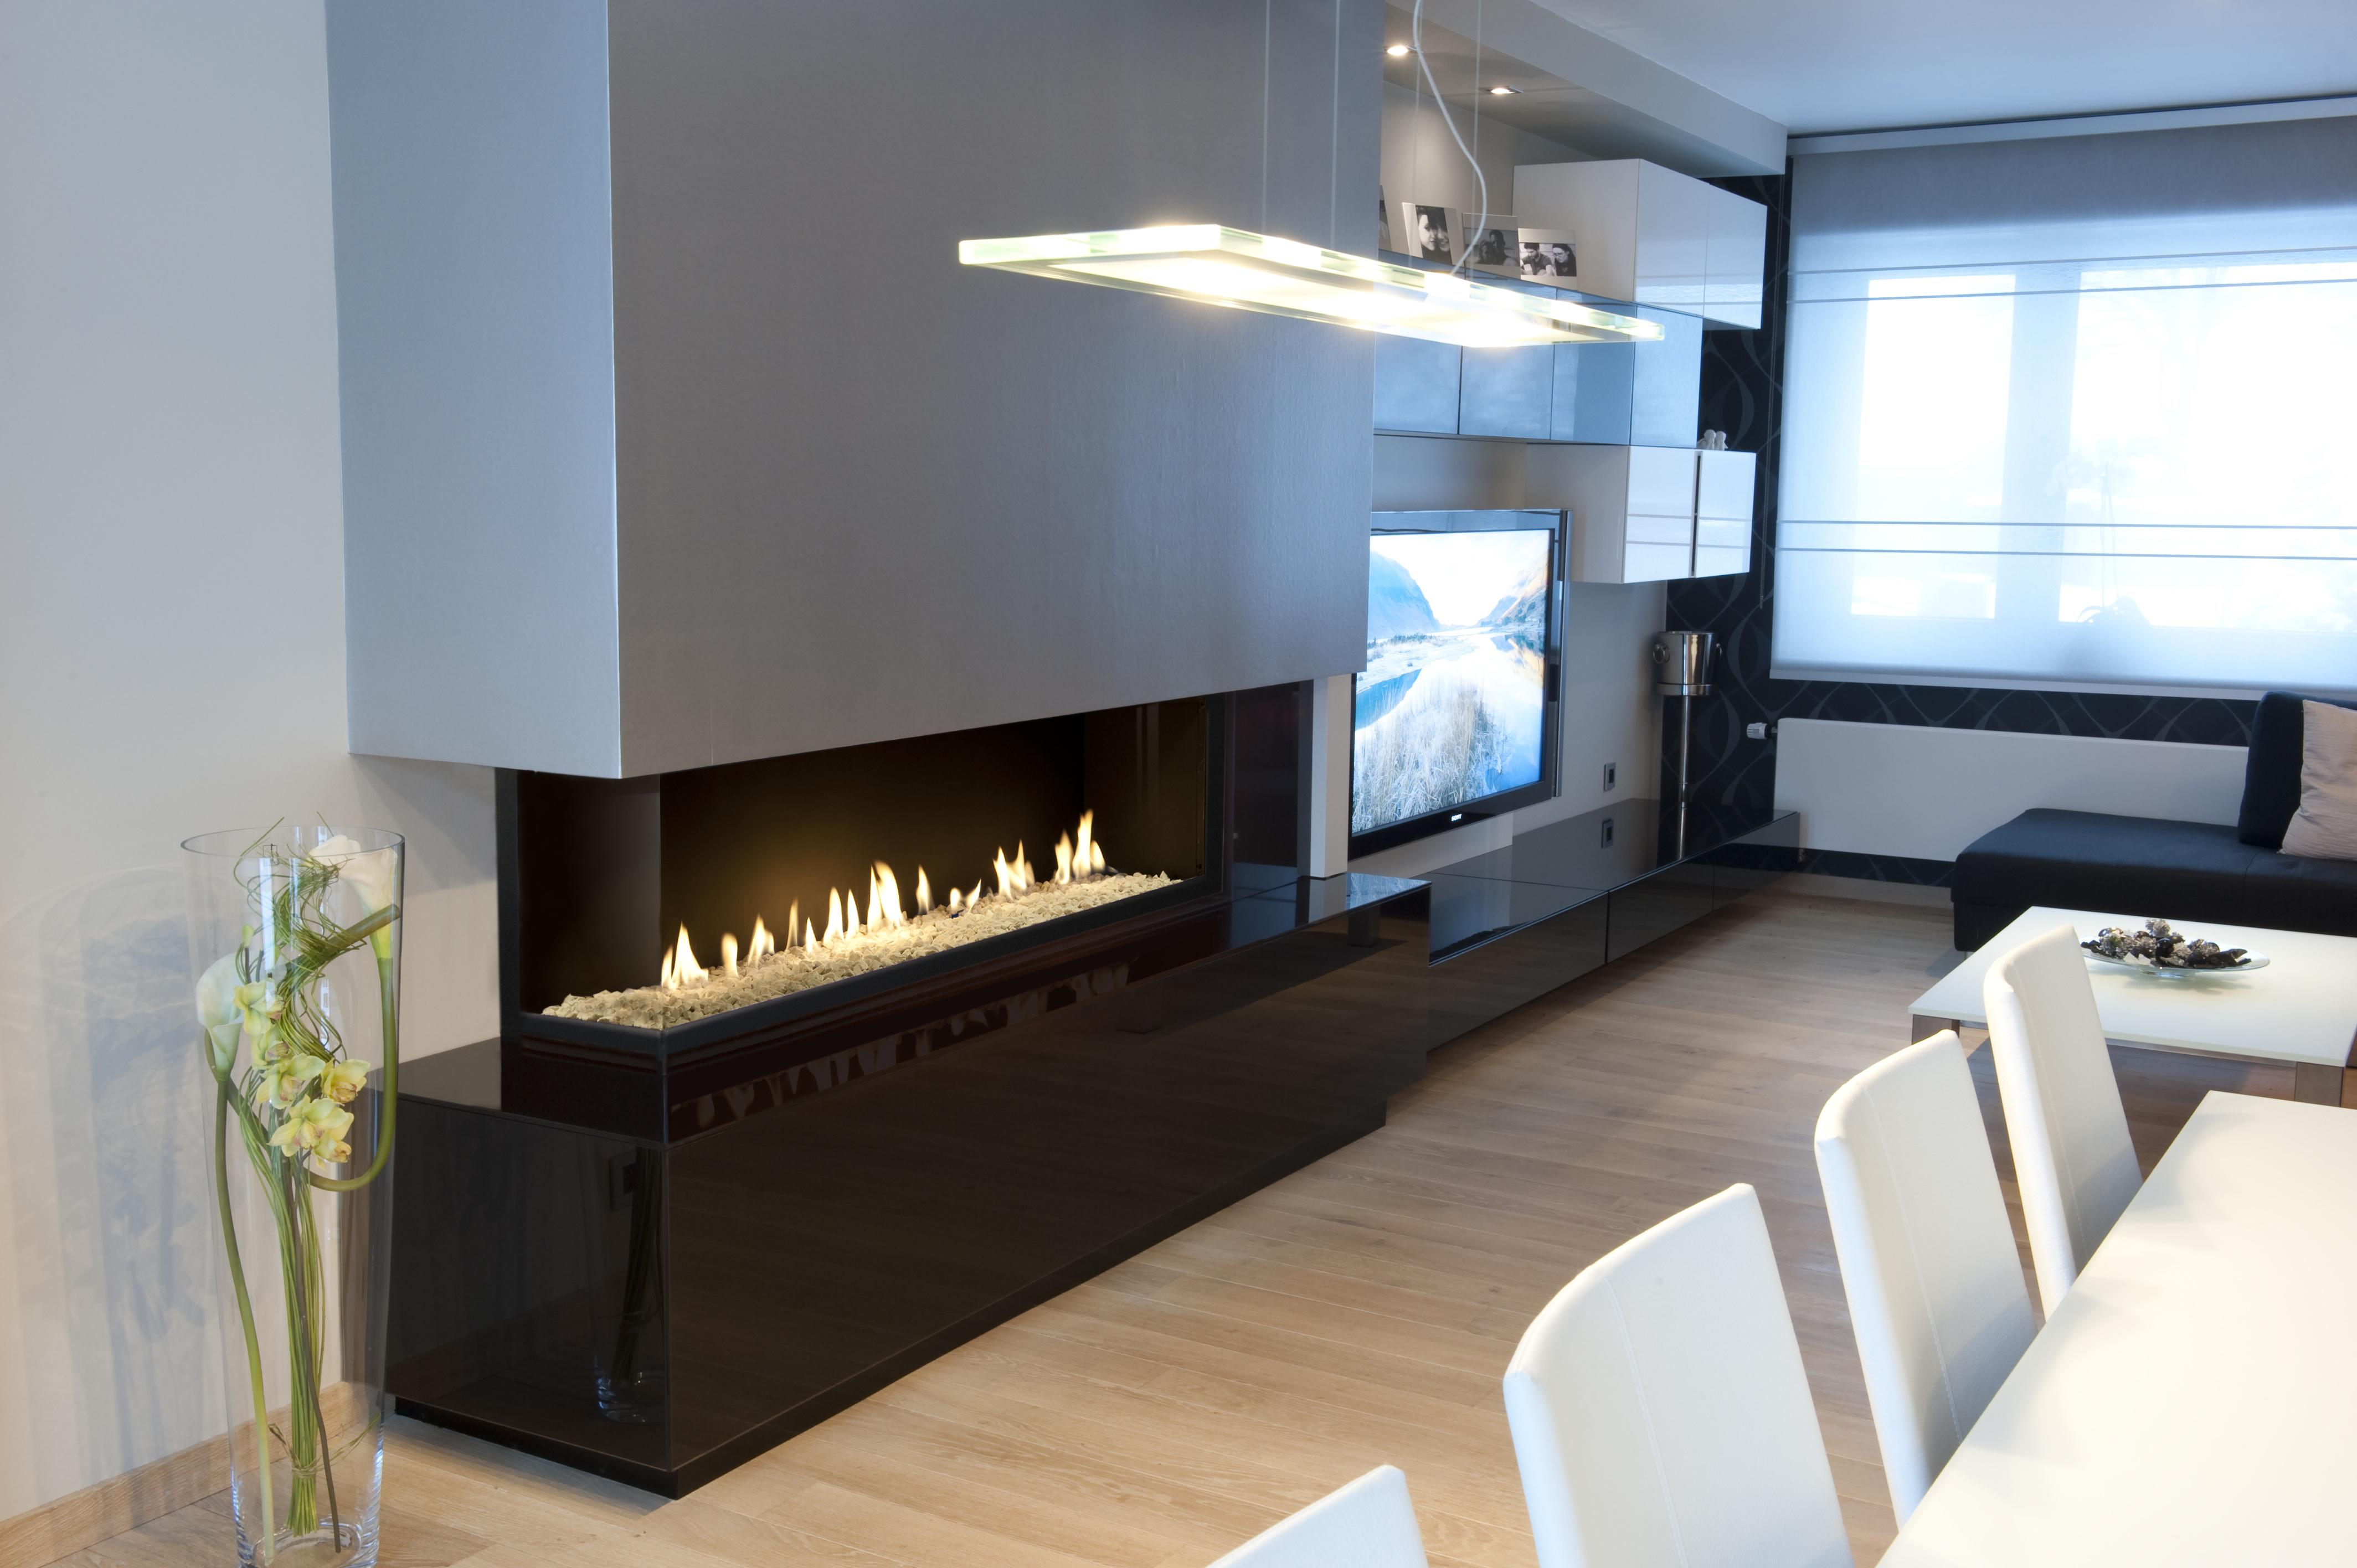 krby kamna turyna krbov kamna. Black Bedroom Furniture Sets. Home Design Ideas